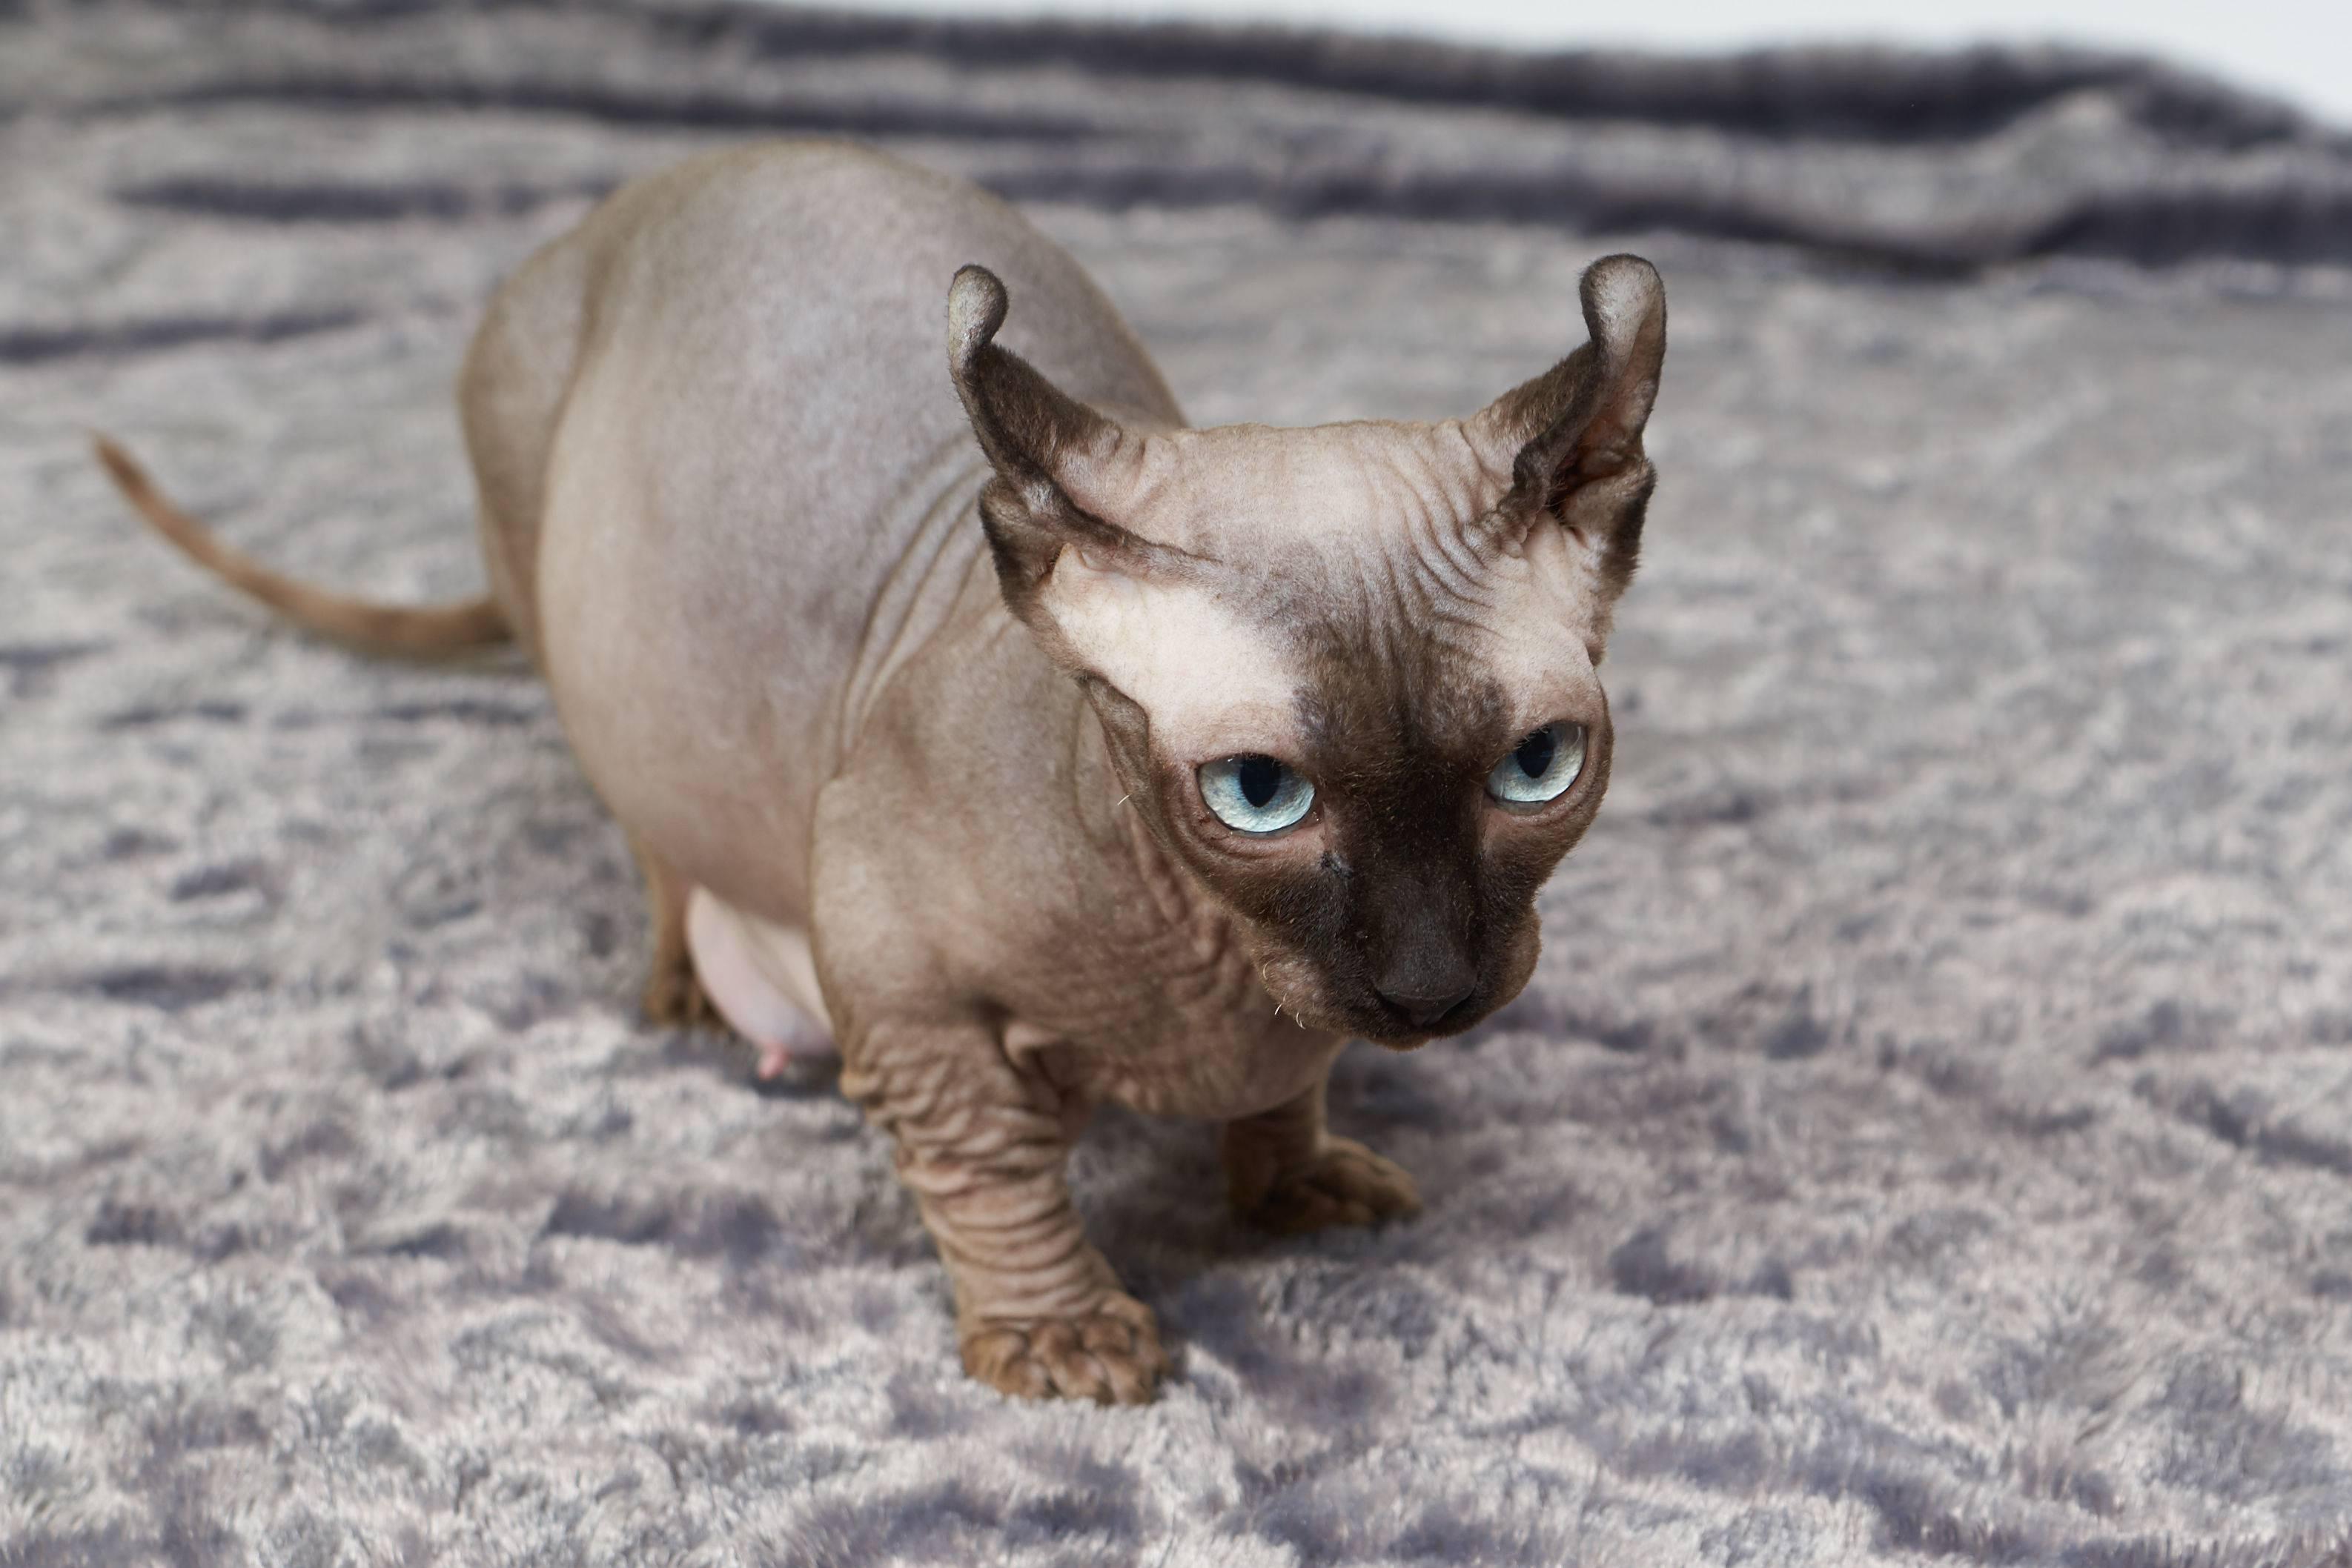 Кошка эльф: описание внешности и характера, уход за питомцем и его содержание, выбор котёнка, отзывы владельцев, фото кота